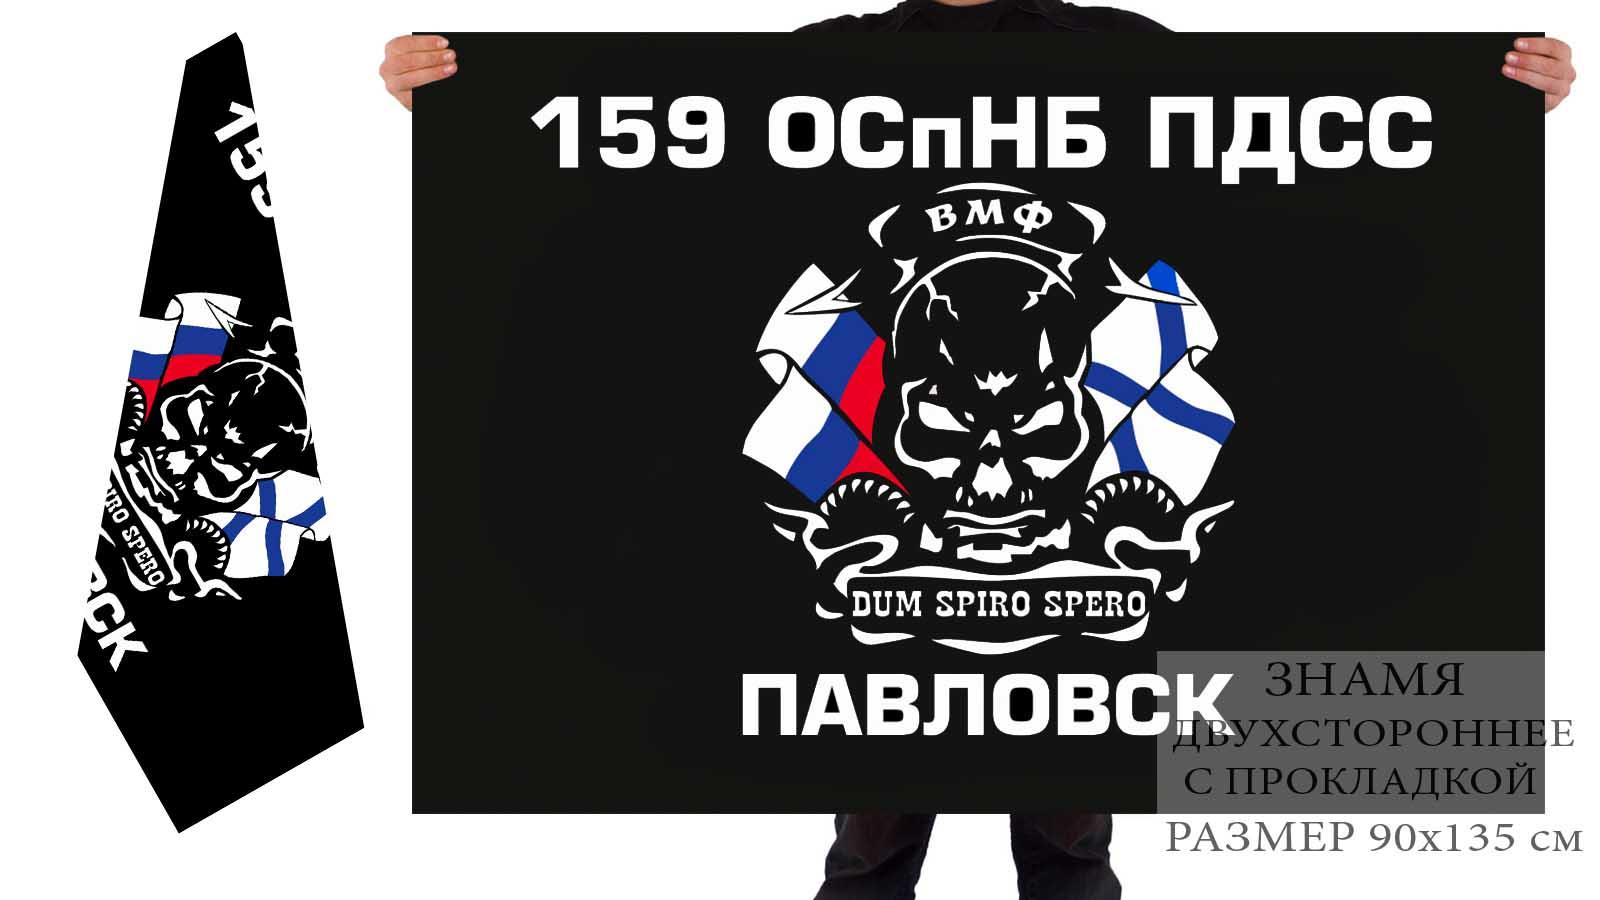 Двусторонний флаг 159 ОСпНБ ПДСС